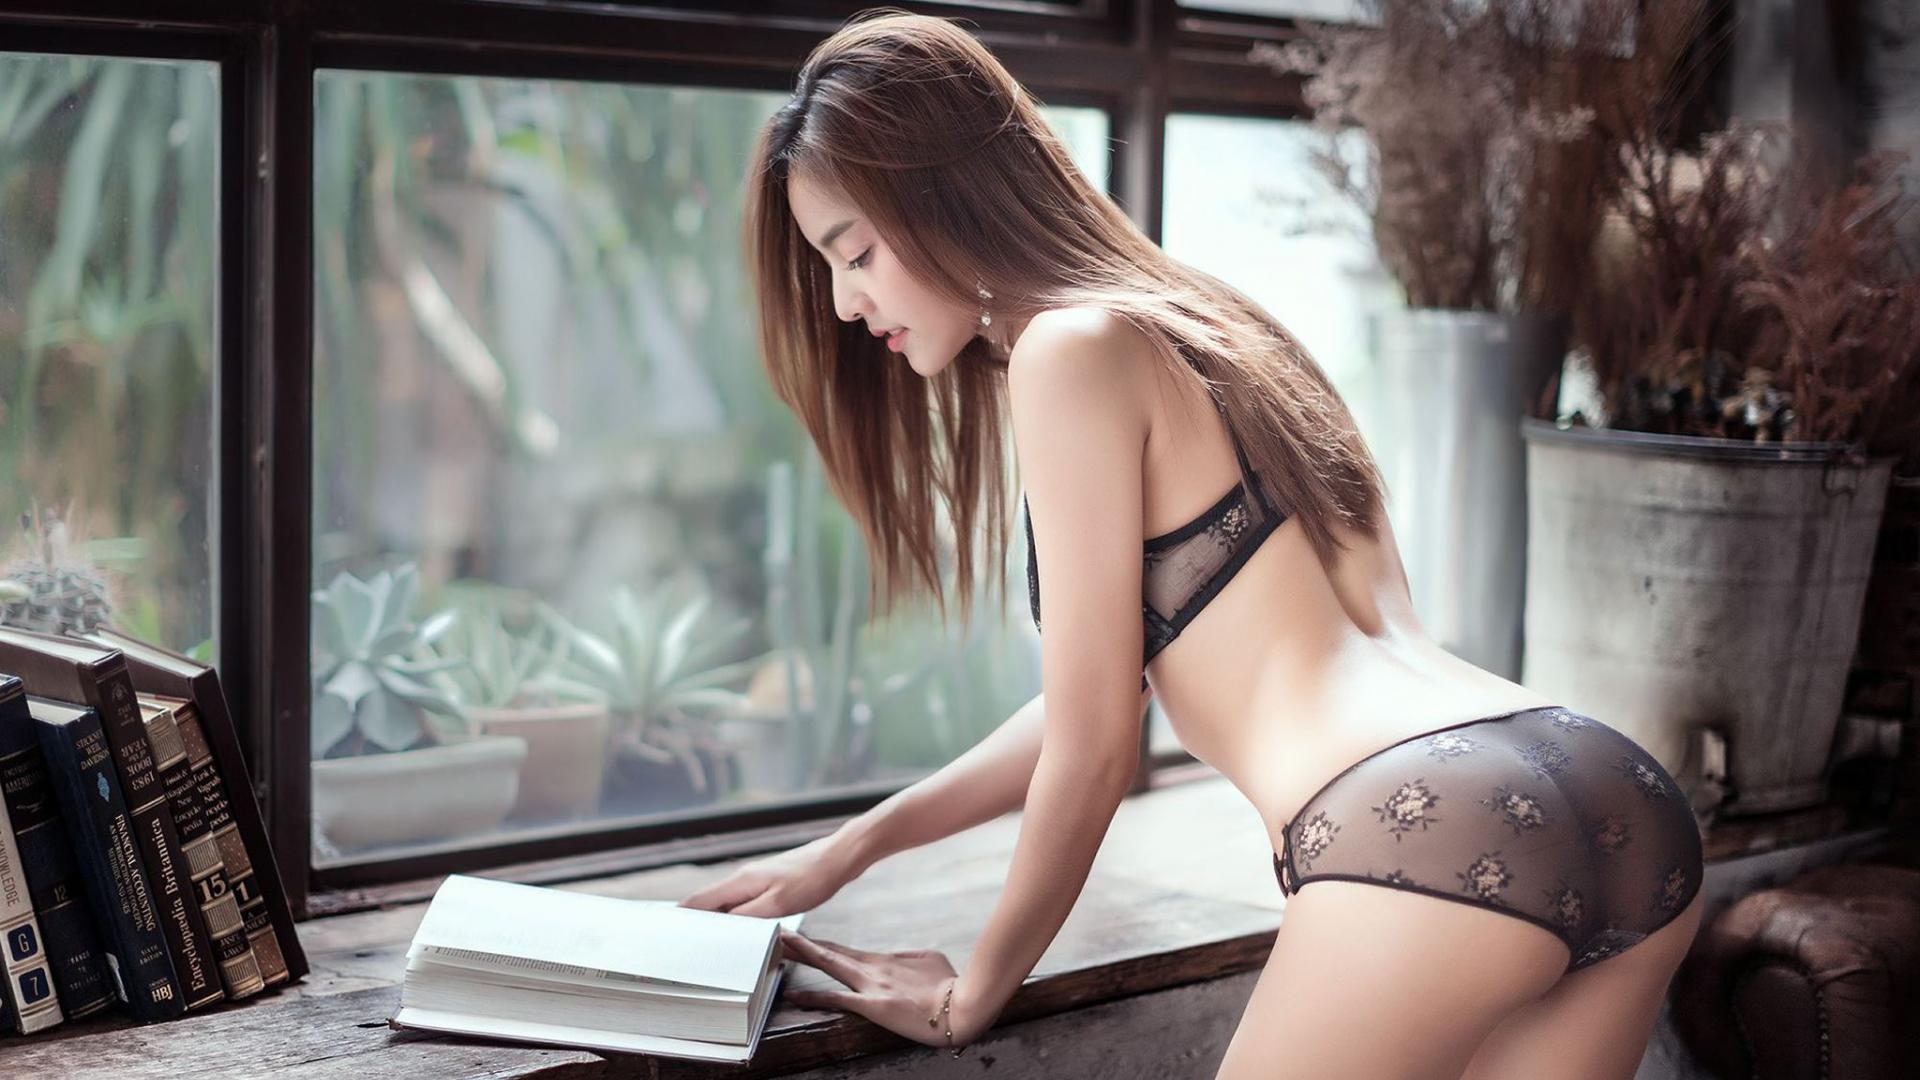 情圣满枫:女生最烦这3种行为, 不注意这些细节, 活该你单身